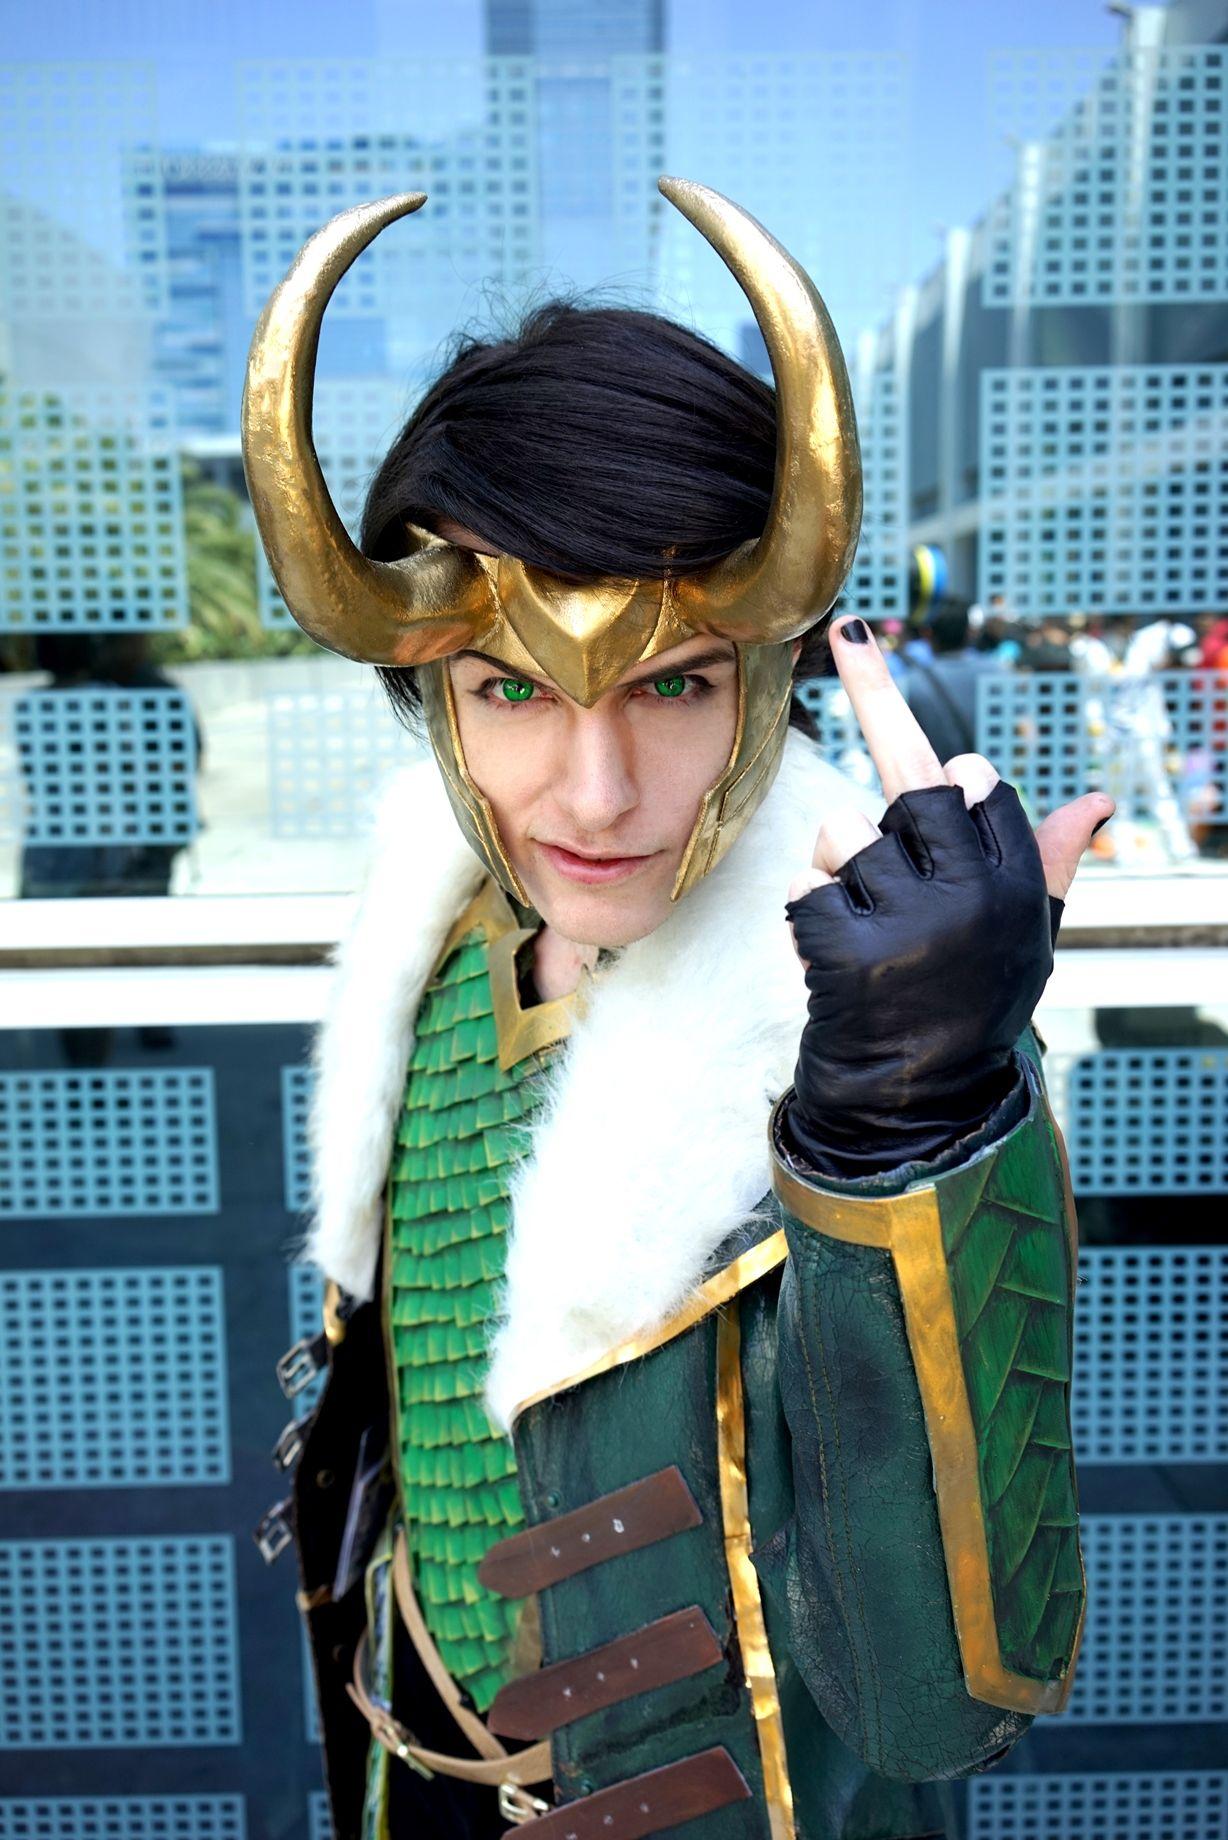 Loki Agent Of Asgard Cosplay Pesquisa Google Loki Cosplay Thor Cosplay Best Cosplay